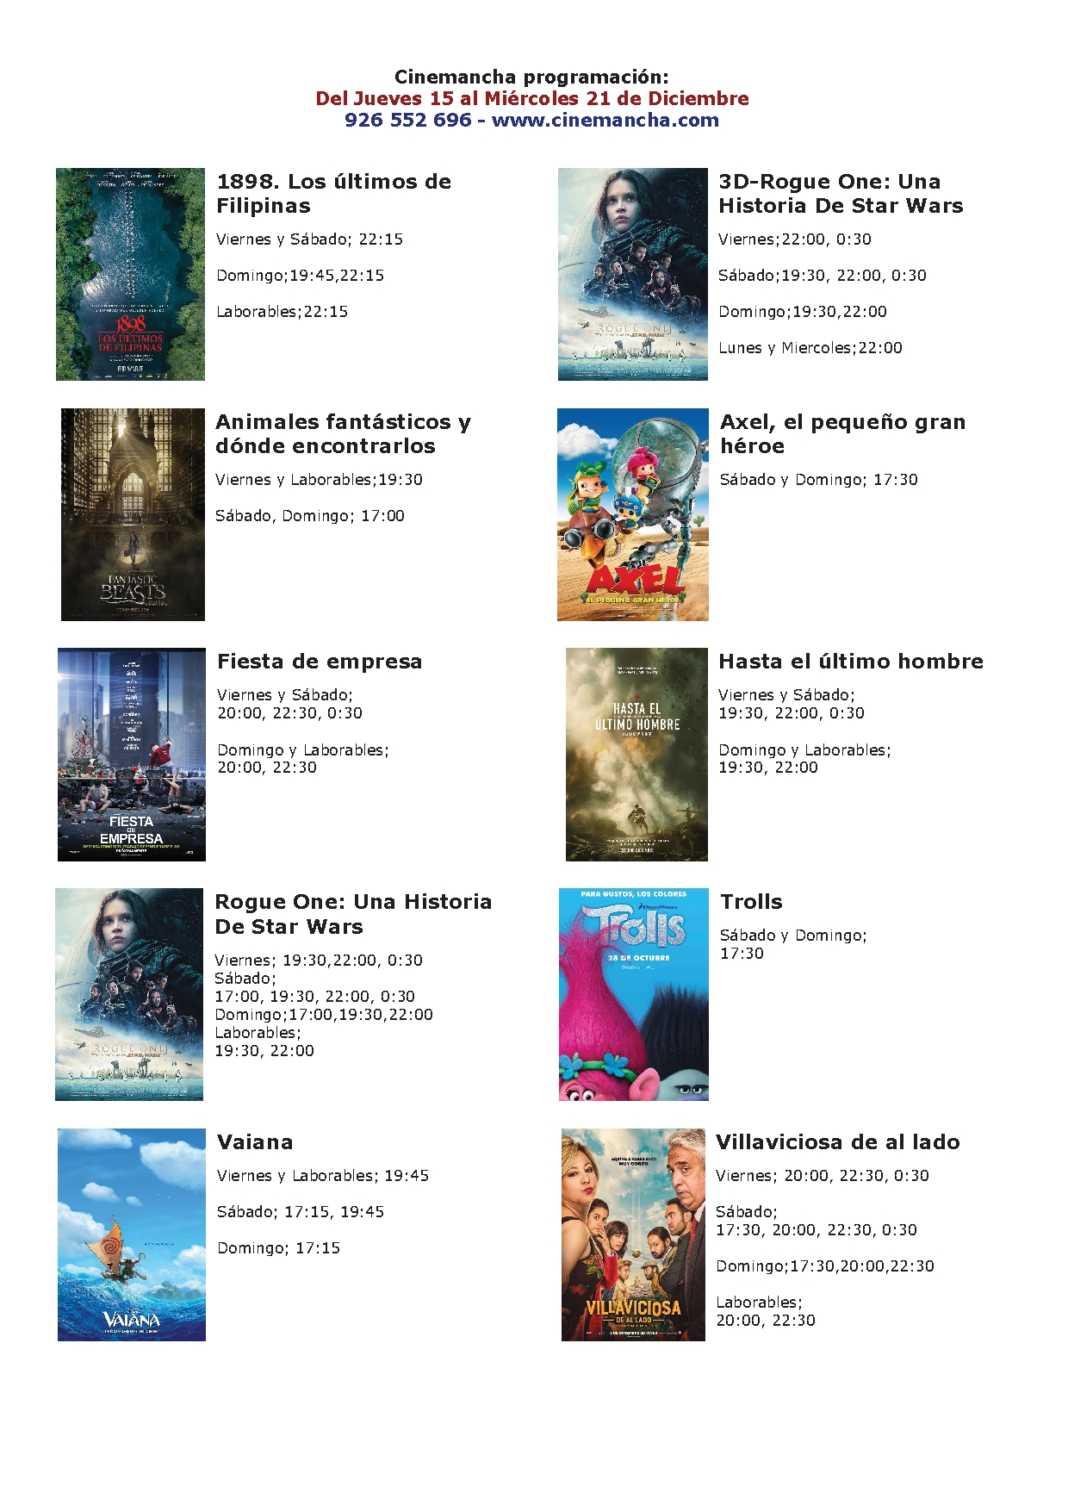 Cartelera Cinemancha del jueves 15 al miércoles 21 de diciembre 1